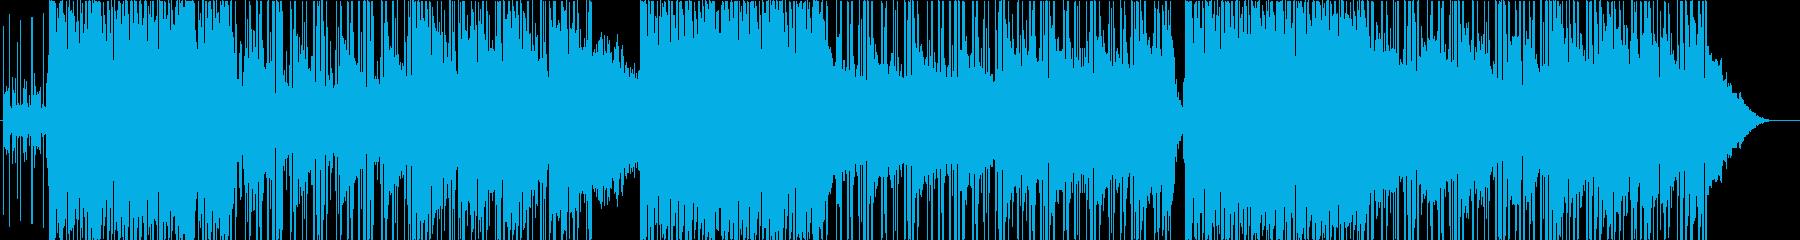 エンディング映像向きエレクトロニカの再生済みの波形